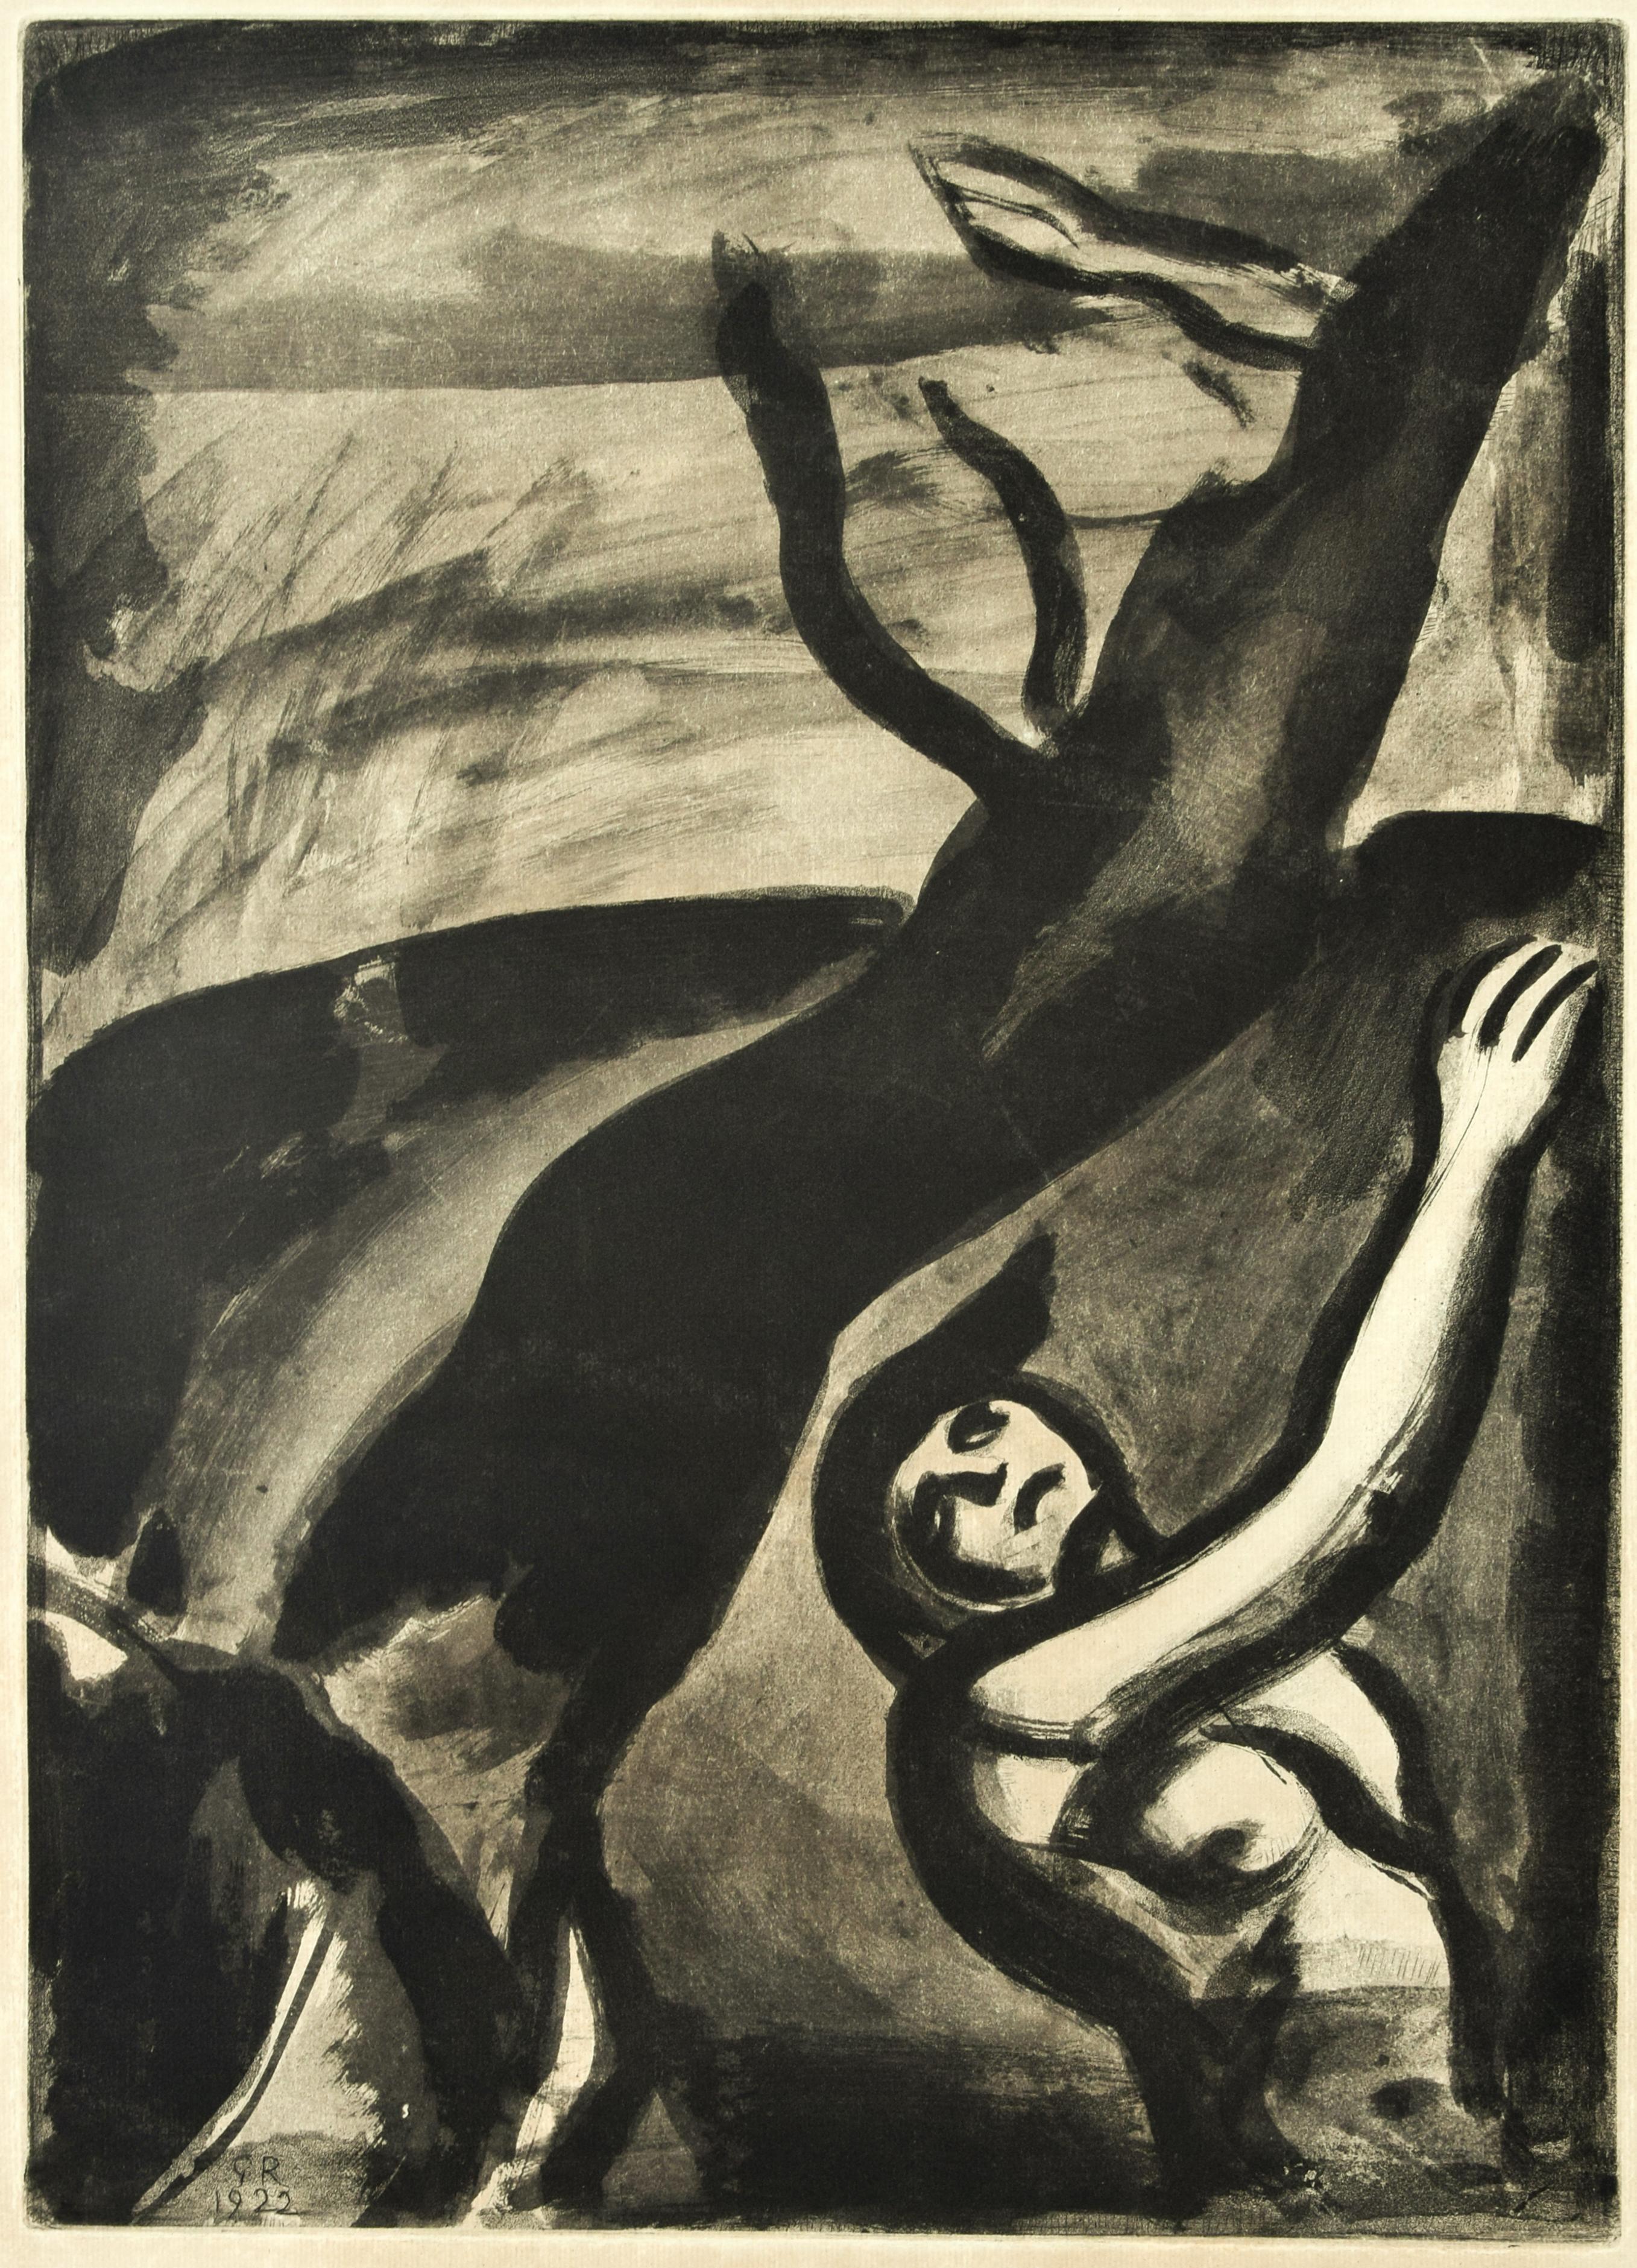 Demain Sera Beau Disait le Naufragé - Original Etching by G. Rouault - 1948